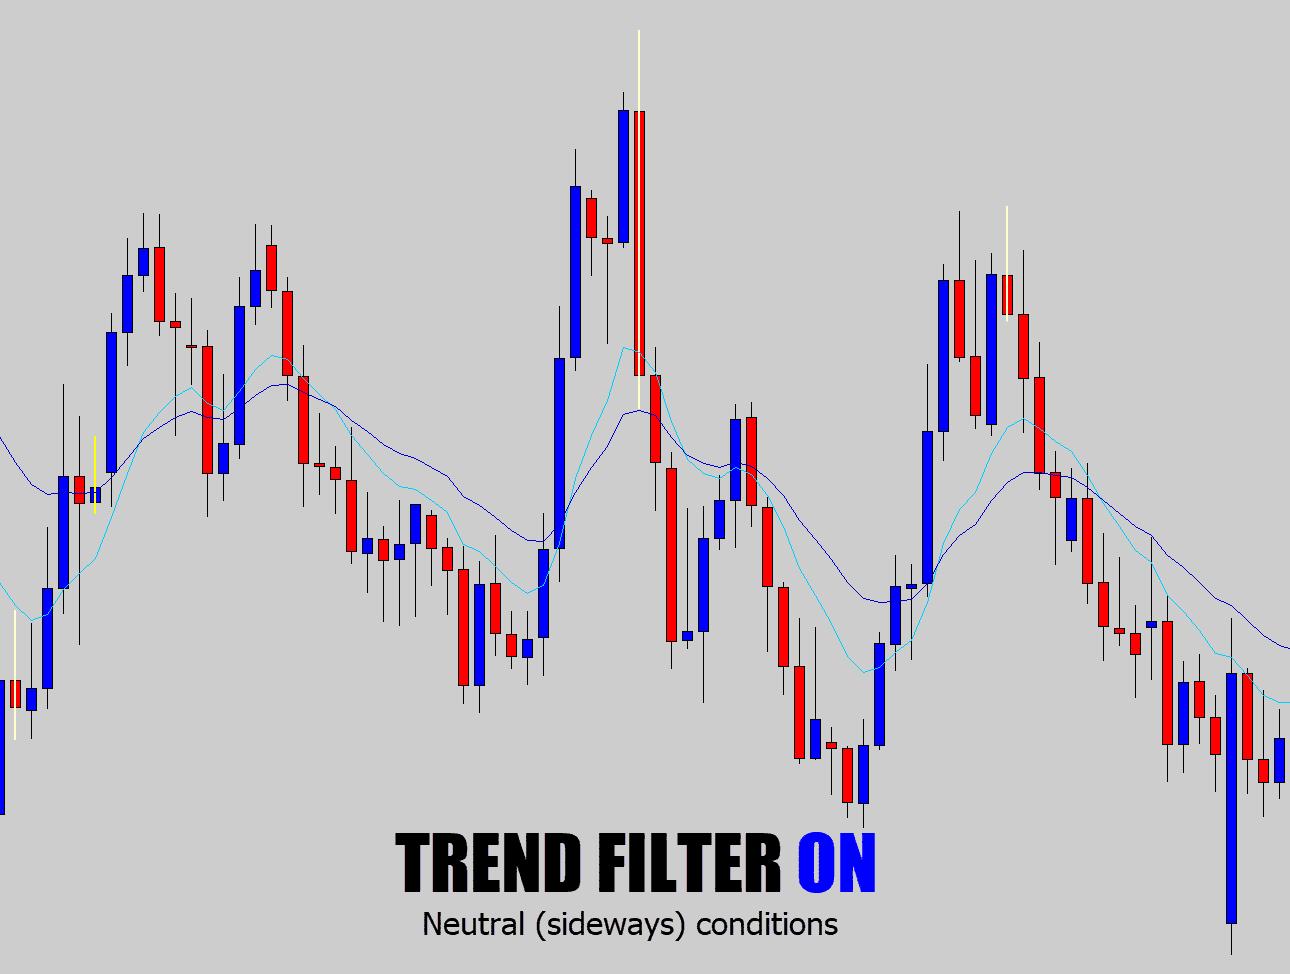 trend filter on sideways markets